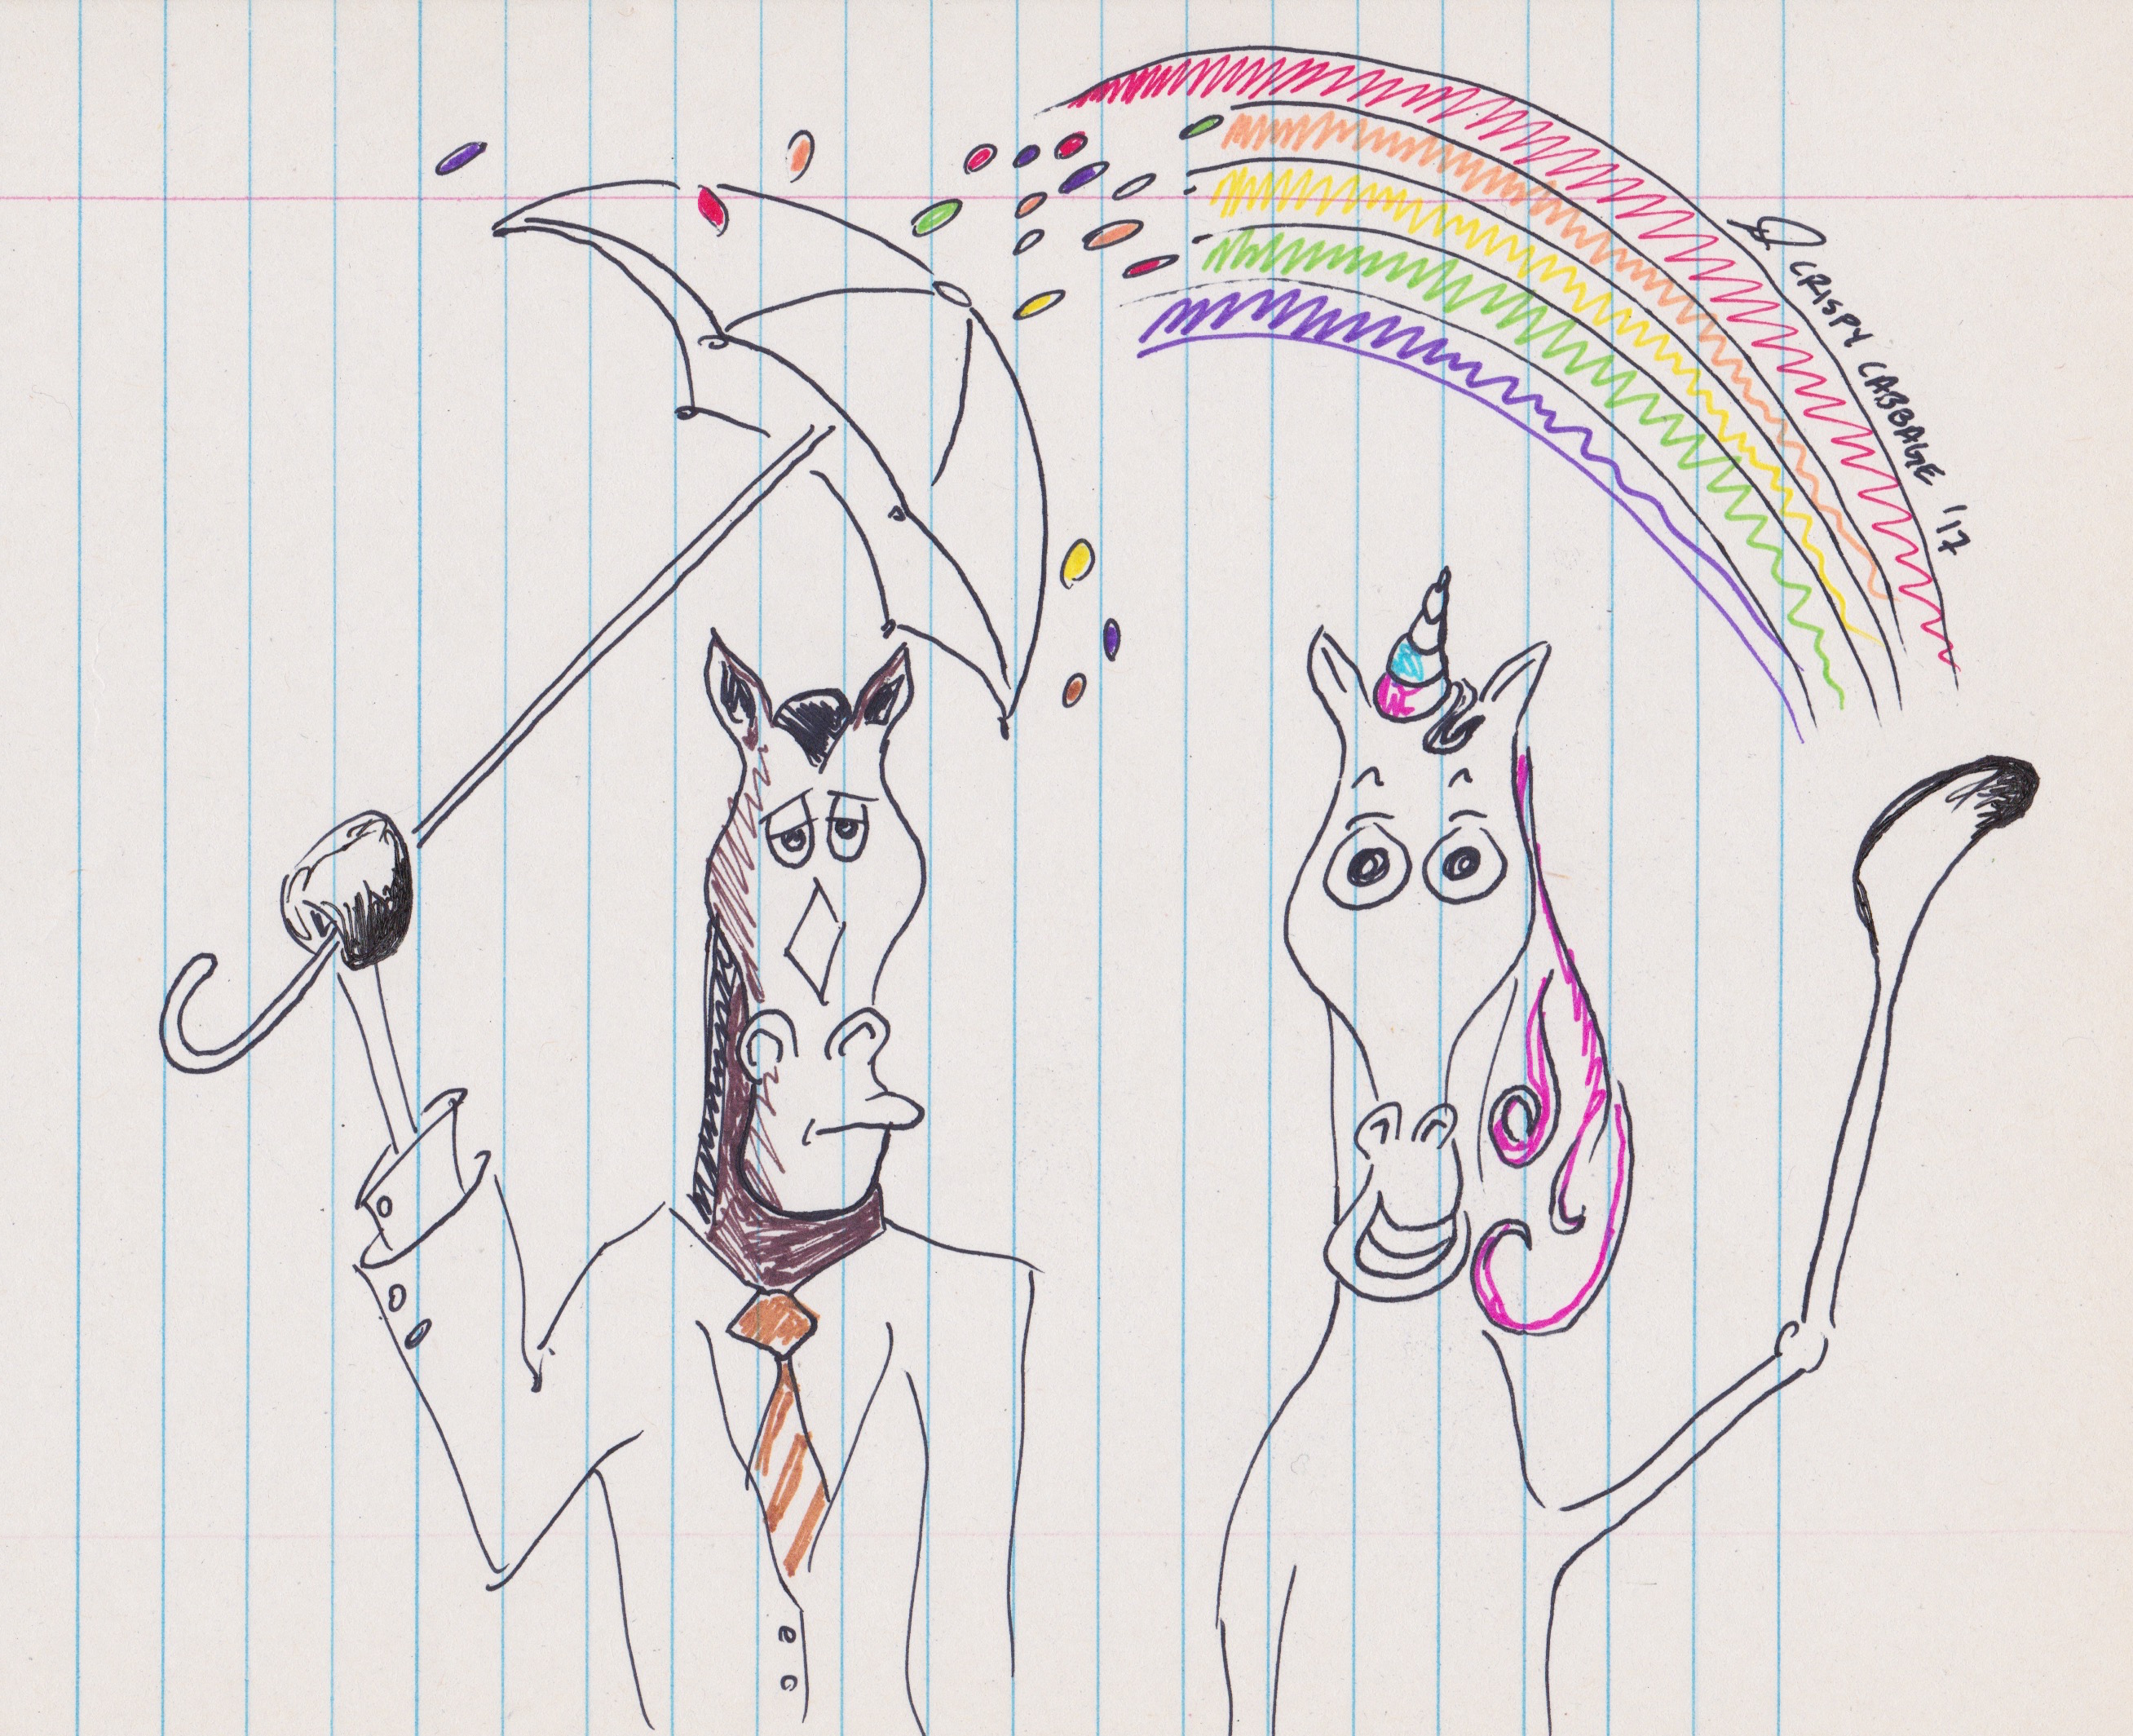 mr-horse-vs-gladys